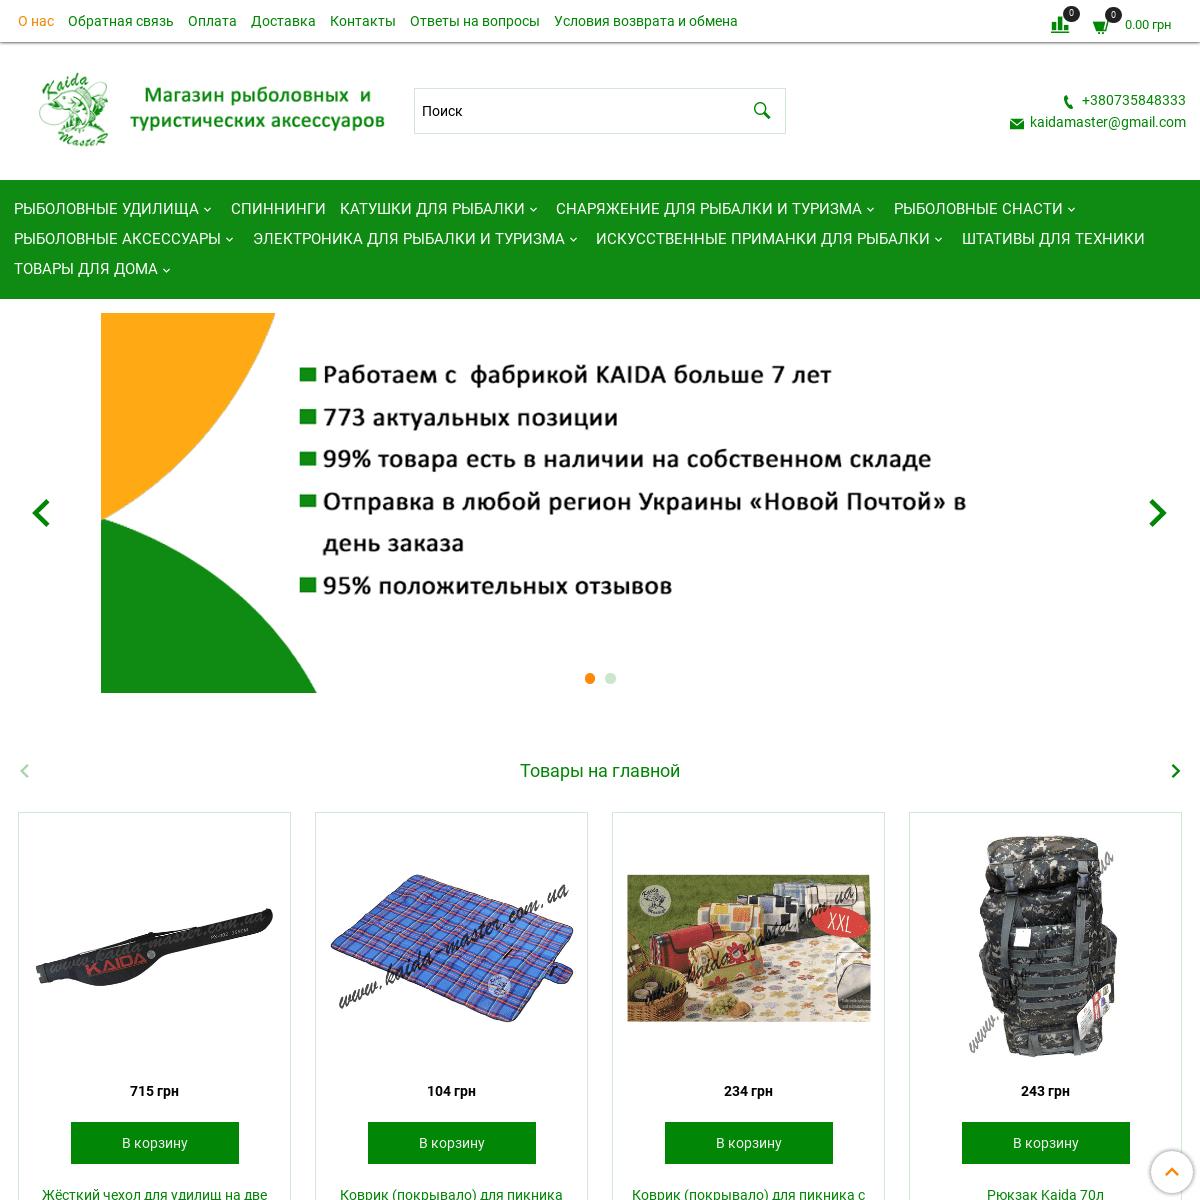 ArchiveBay.com - kaida-master.com.ua - Магазин рыболовных и туристических аксессуаров